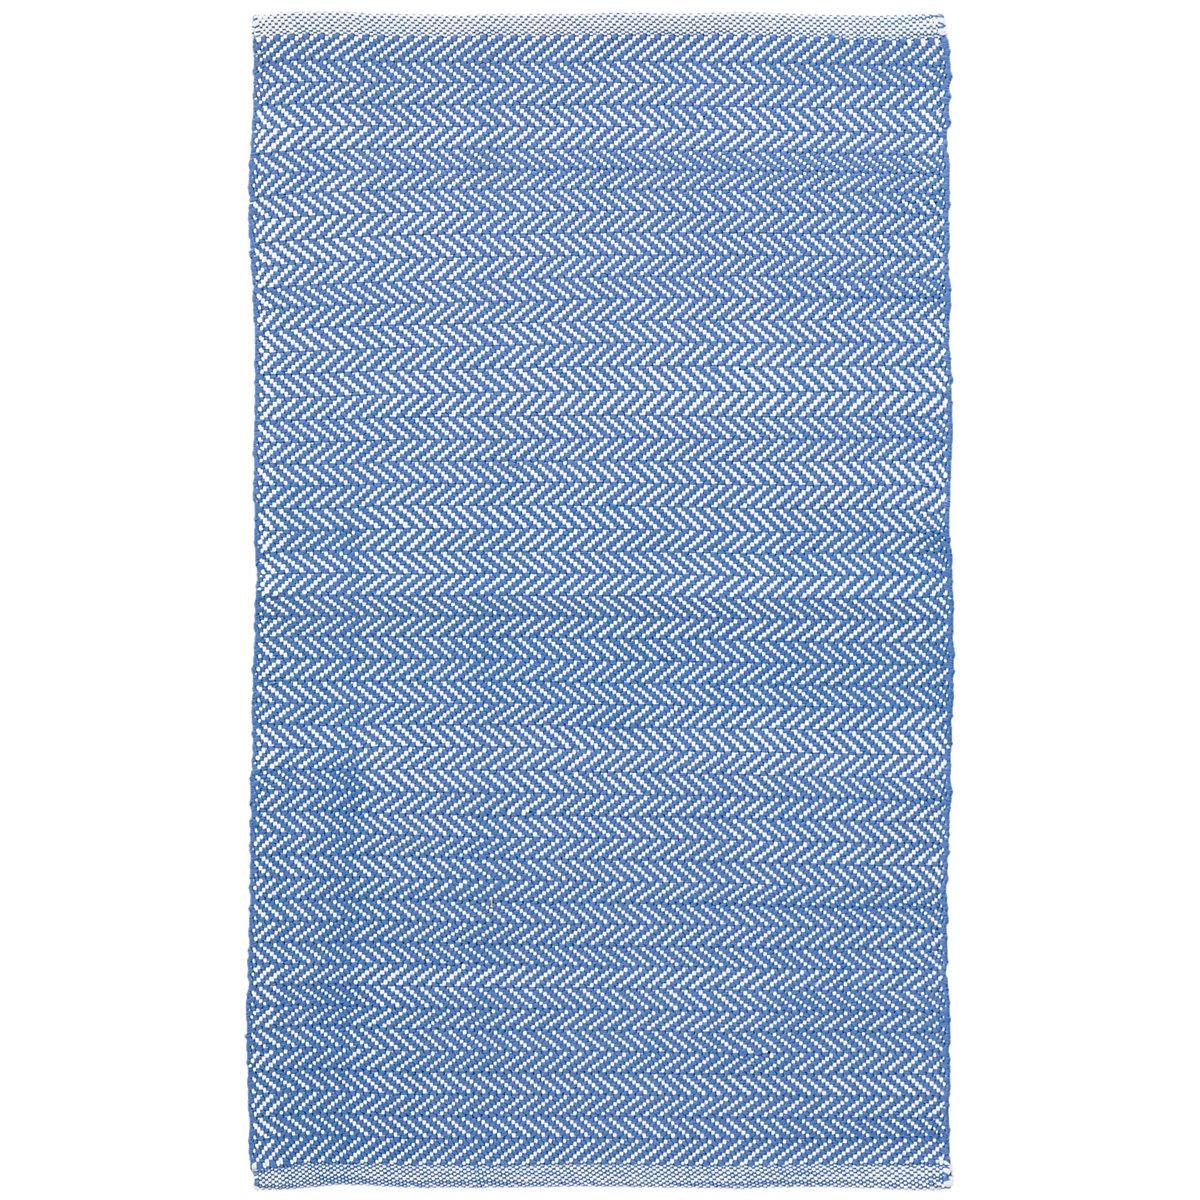 C3 Herringbone French Blue Indoor Outdoor Rug